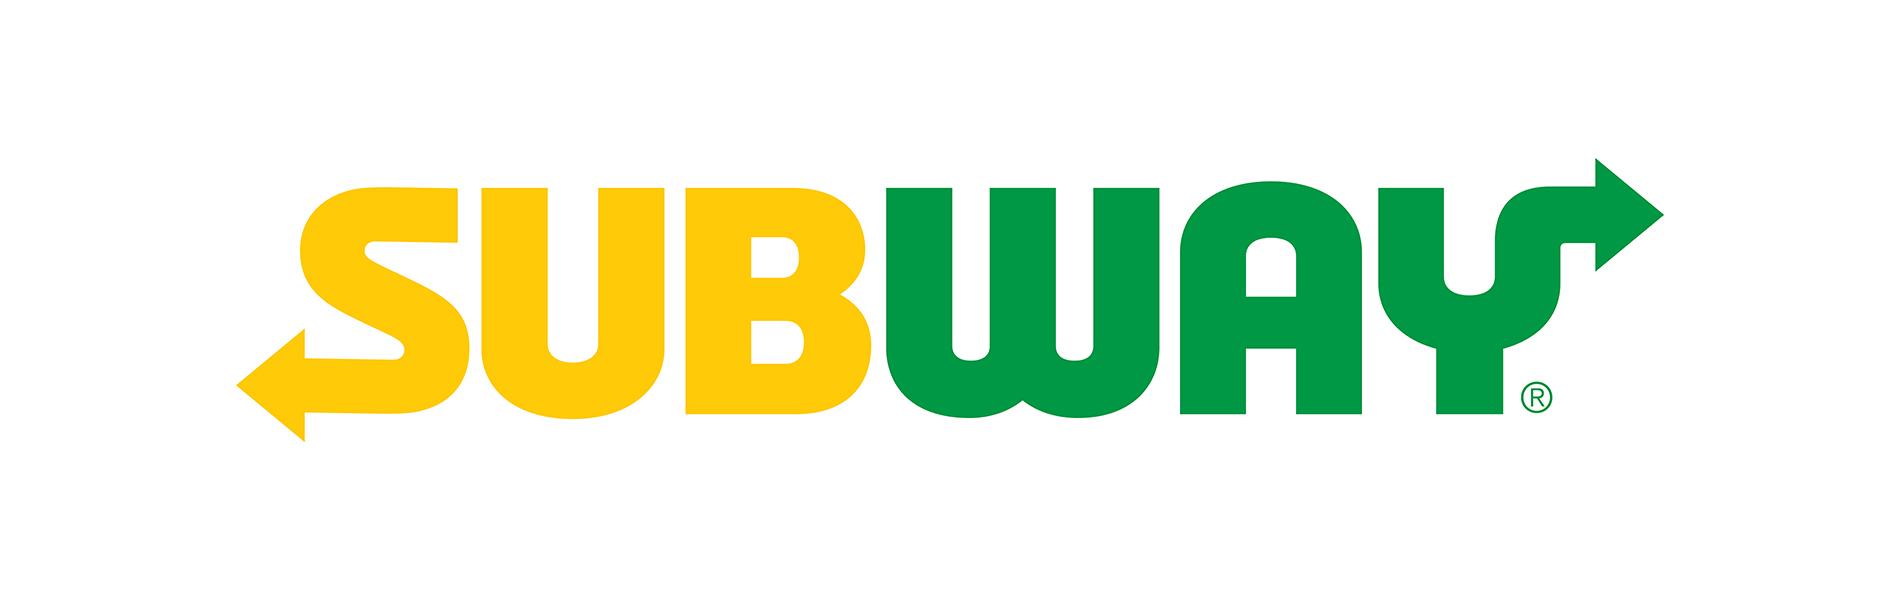 Subway (2nd st)